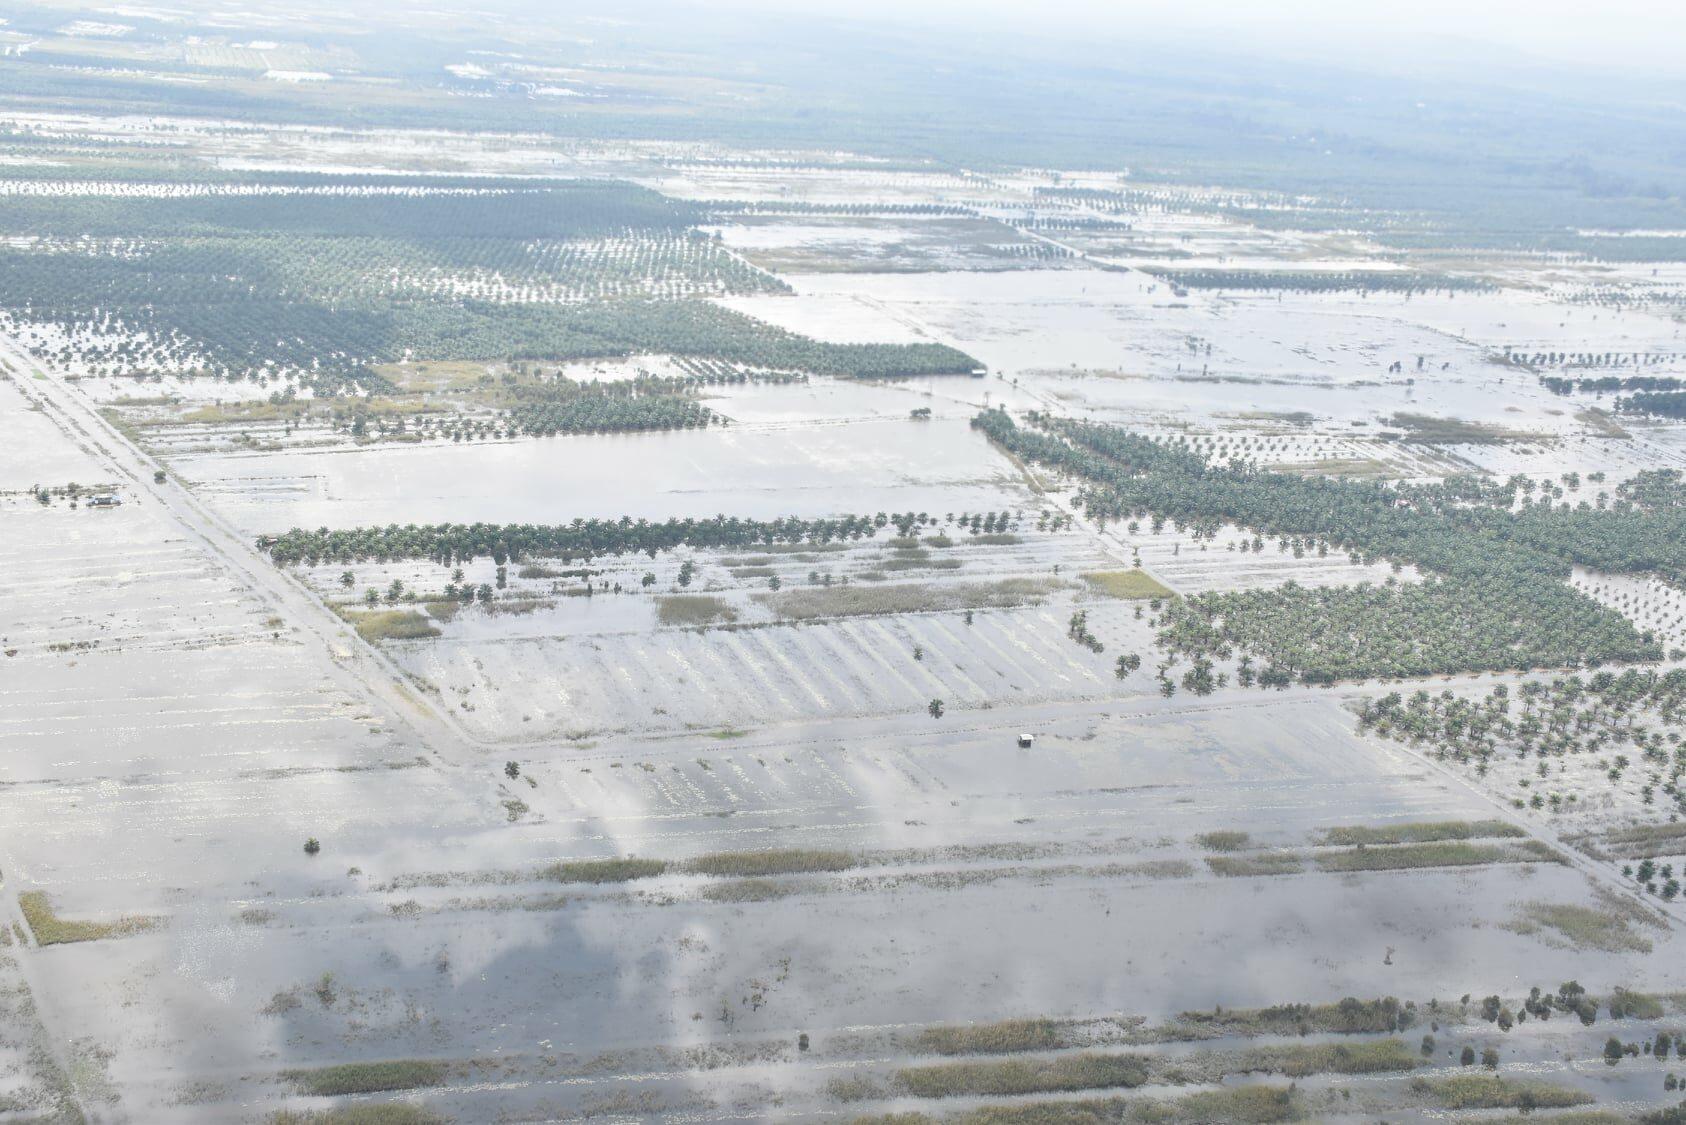 ปภ.รายงานสถานการณ์อุทกภัย 7 จังหวัดภาคใต้ เร่งระบายน้ำ ช่วยเหลือผู้ประสบภัย